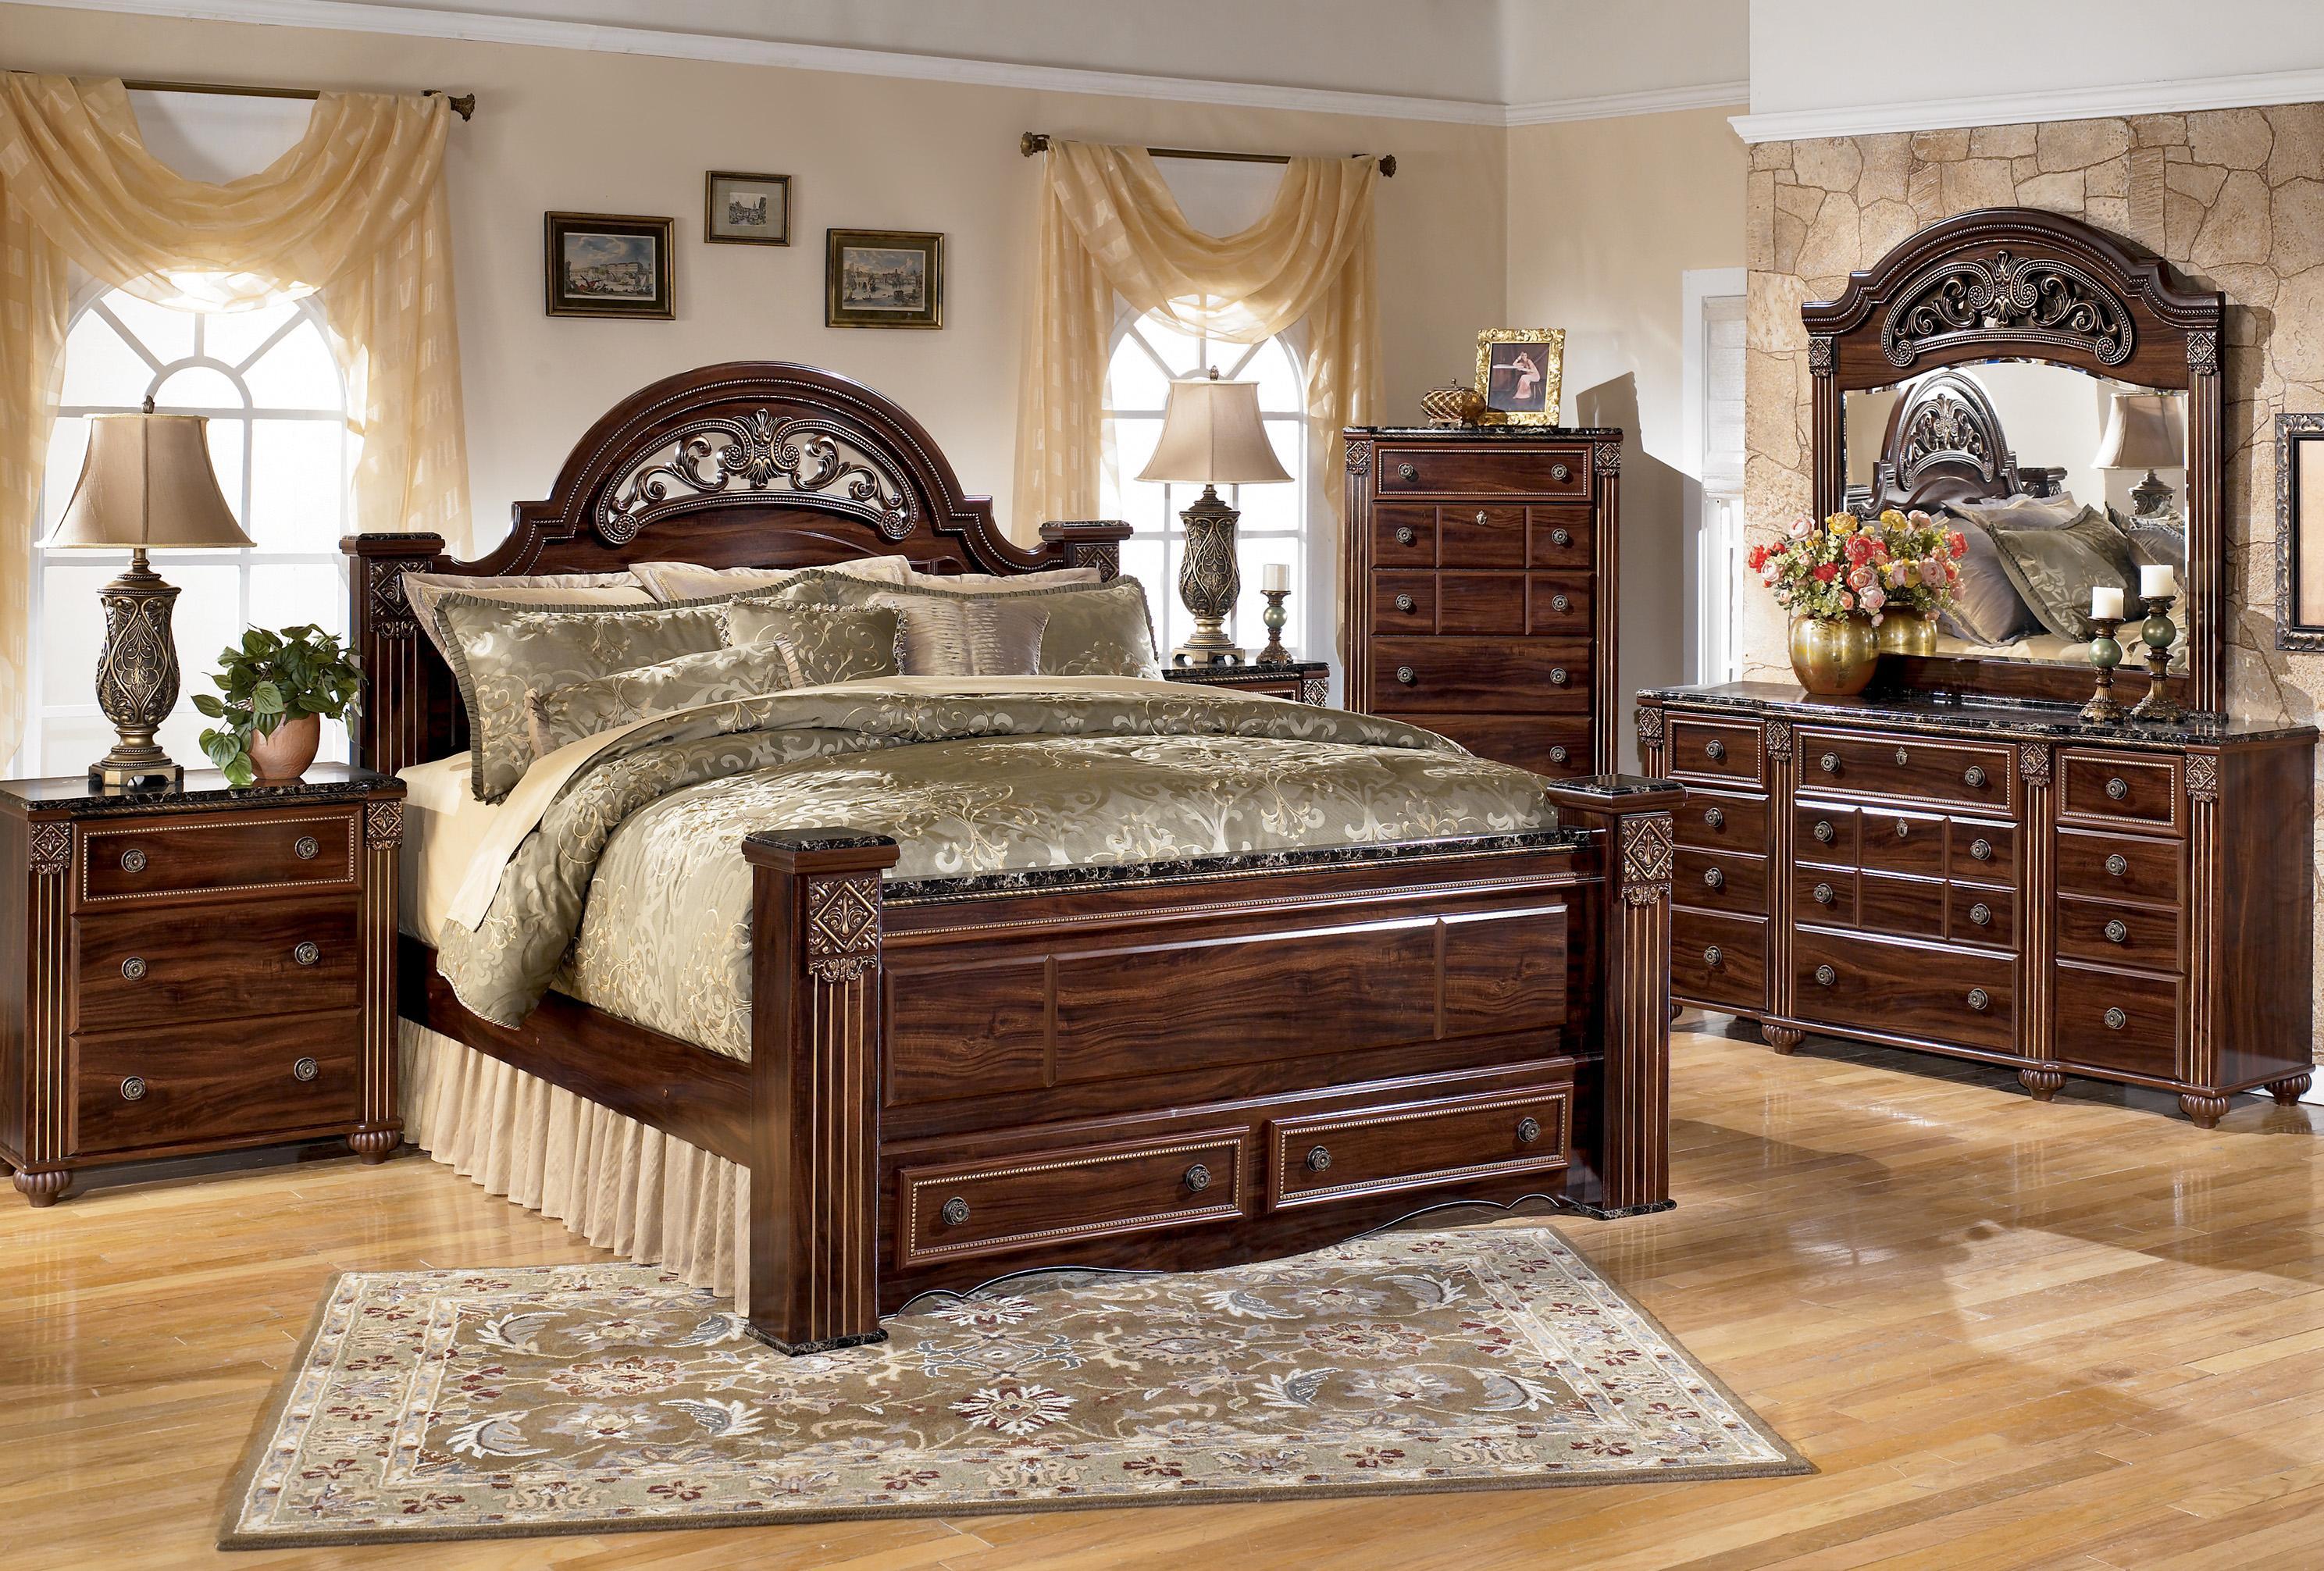 Wonderful King Bedroom Group